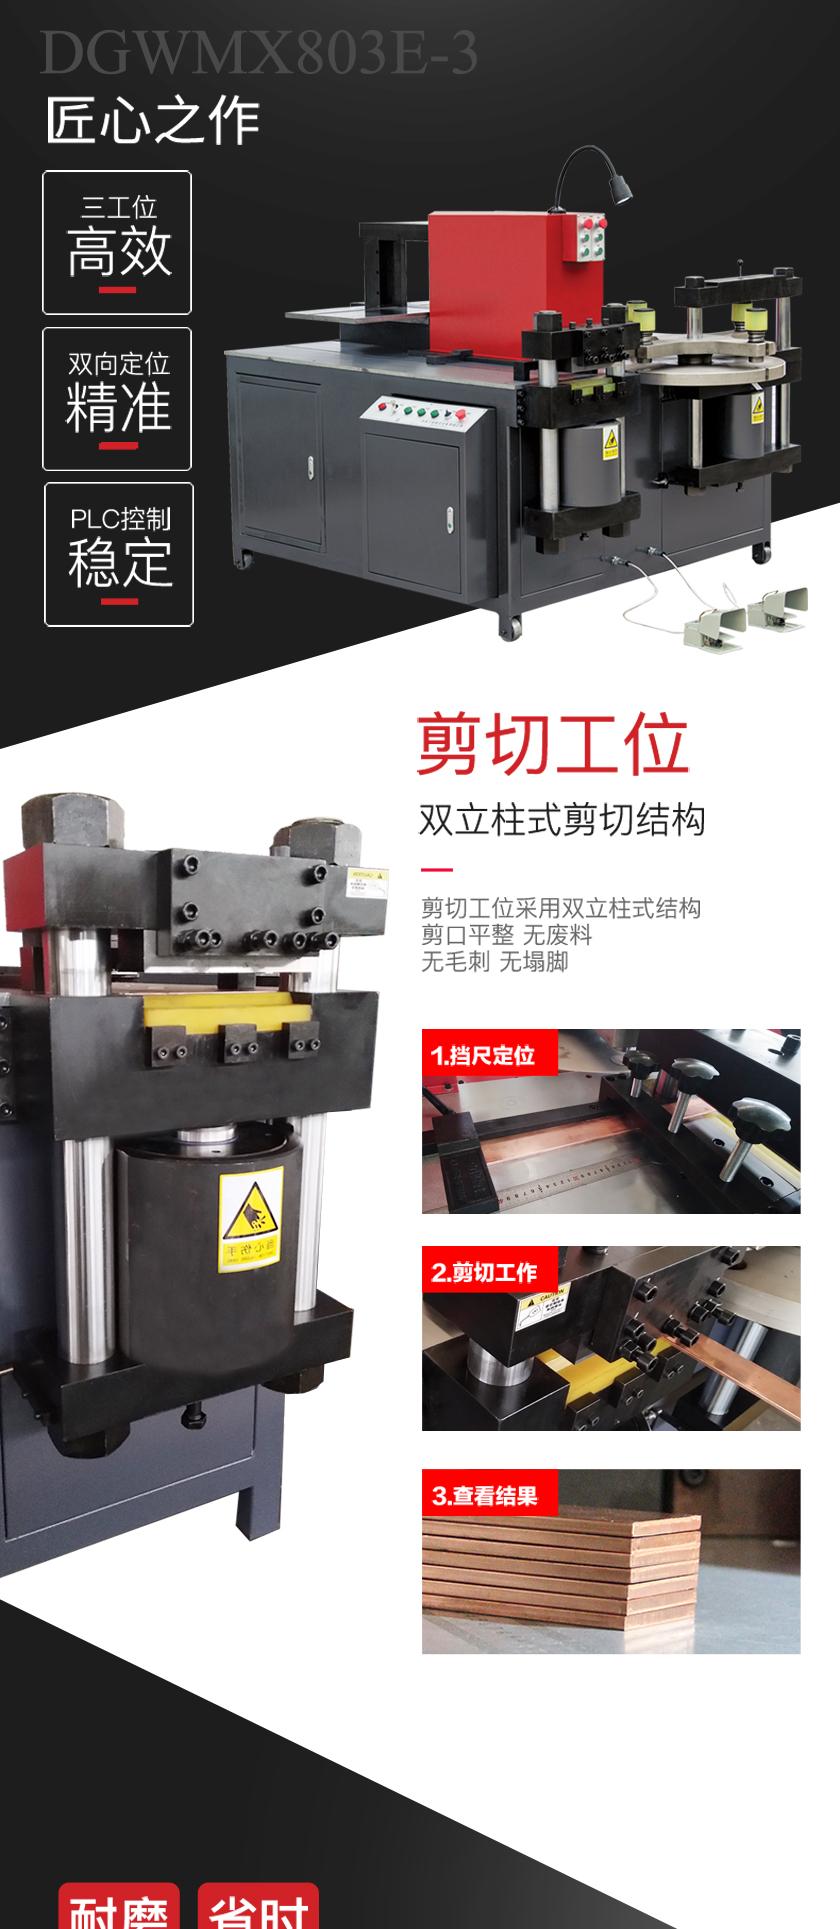 DGWMX803E-3母线加工机